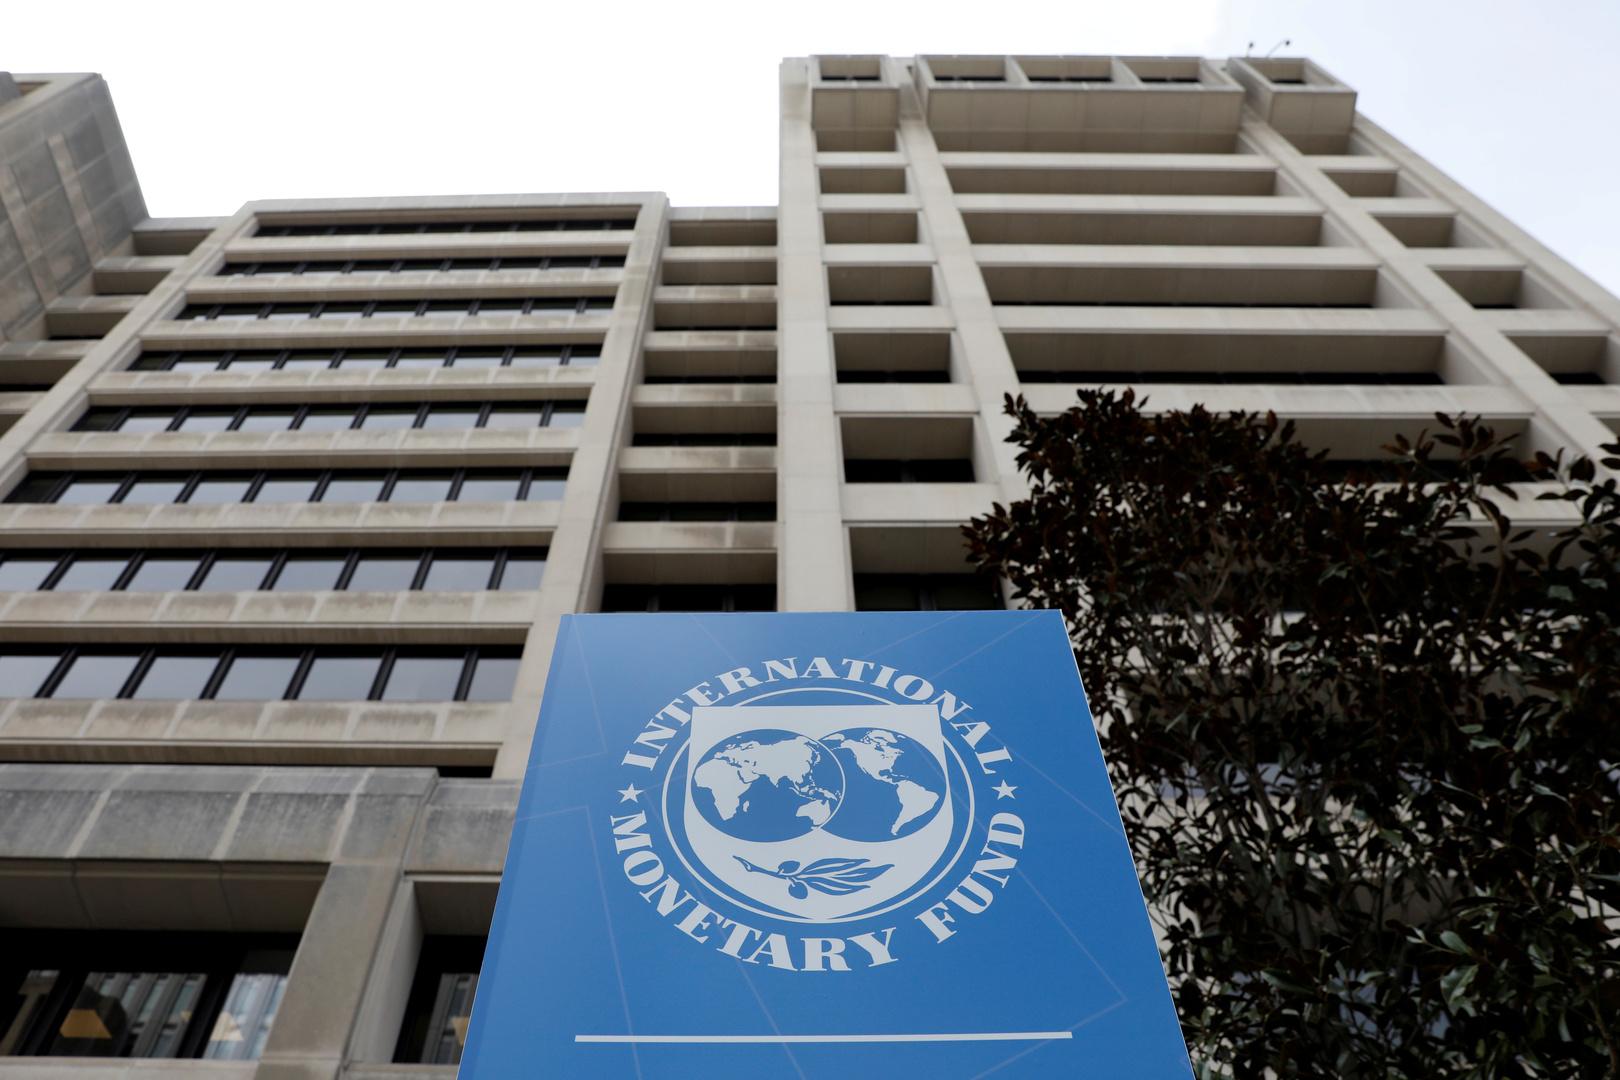 صندوق النقد الدولي يرفض طلب مادورو منح فنزويلا قرضا بـ5 مليارات دولار لمكافحة كورونا